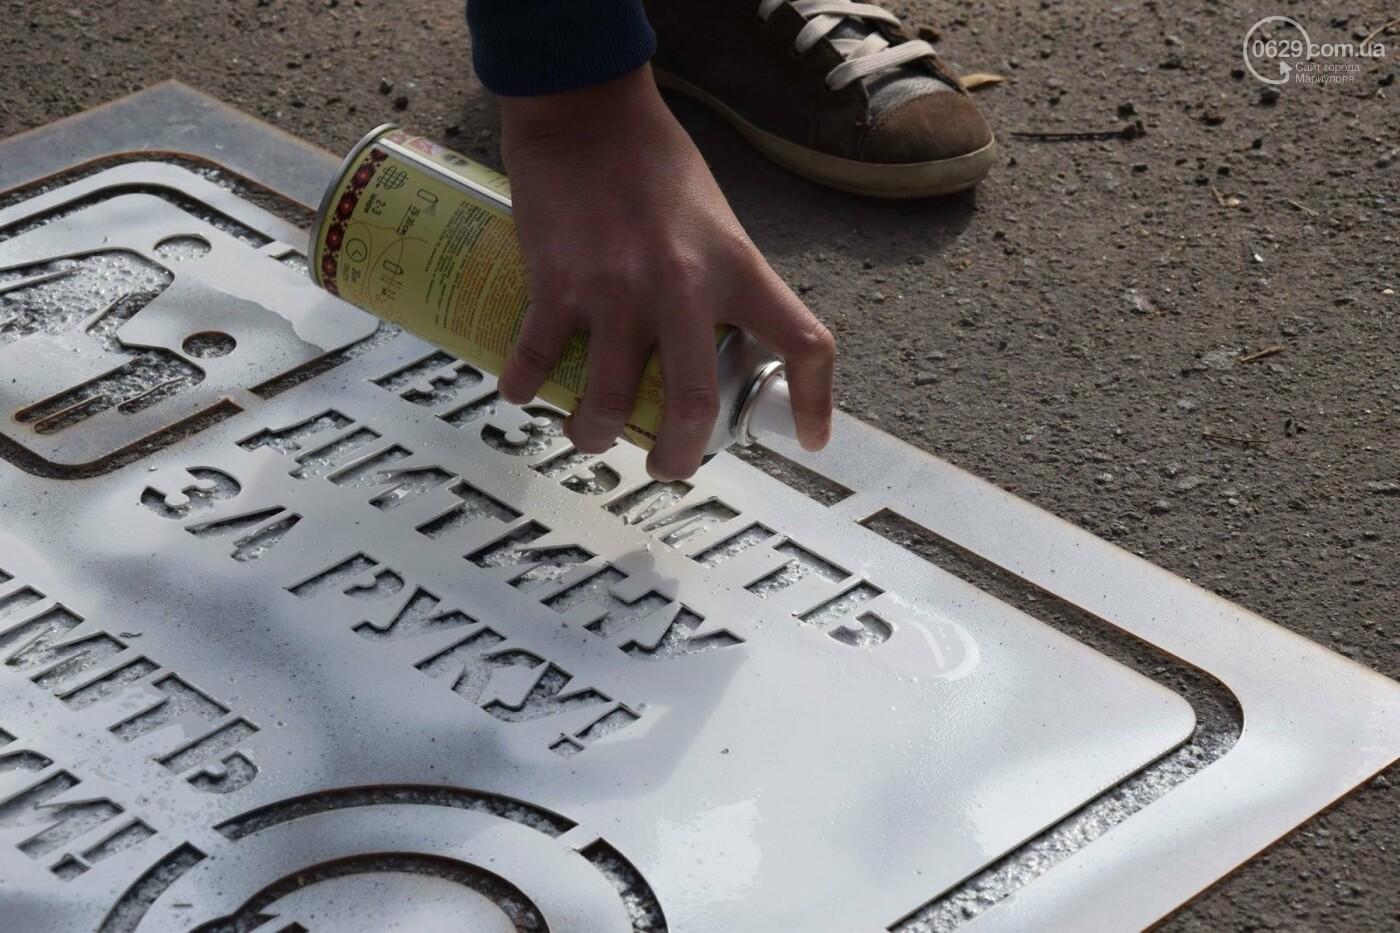 В Мариуполе общественники и патрульные полицейские украшают город необычными трафаретами, - ФОТО, ВИДЕО, фото-1